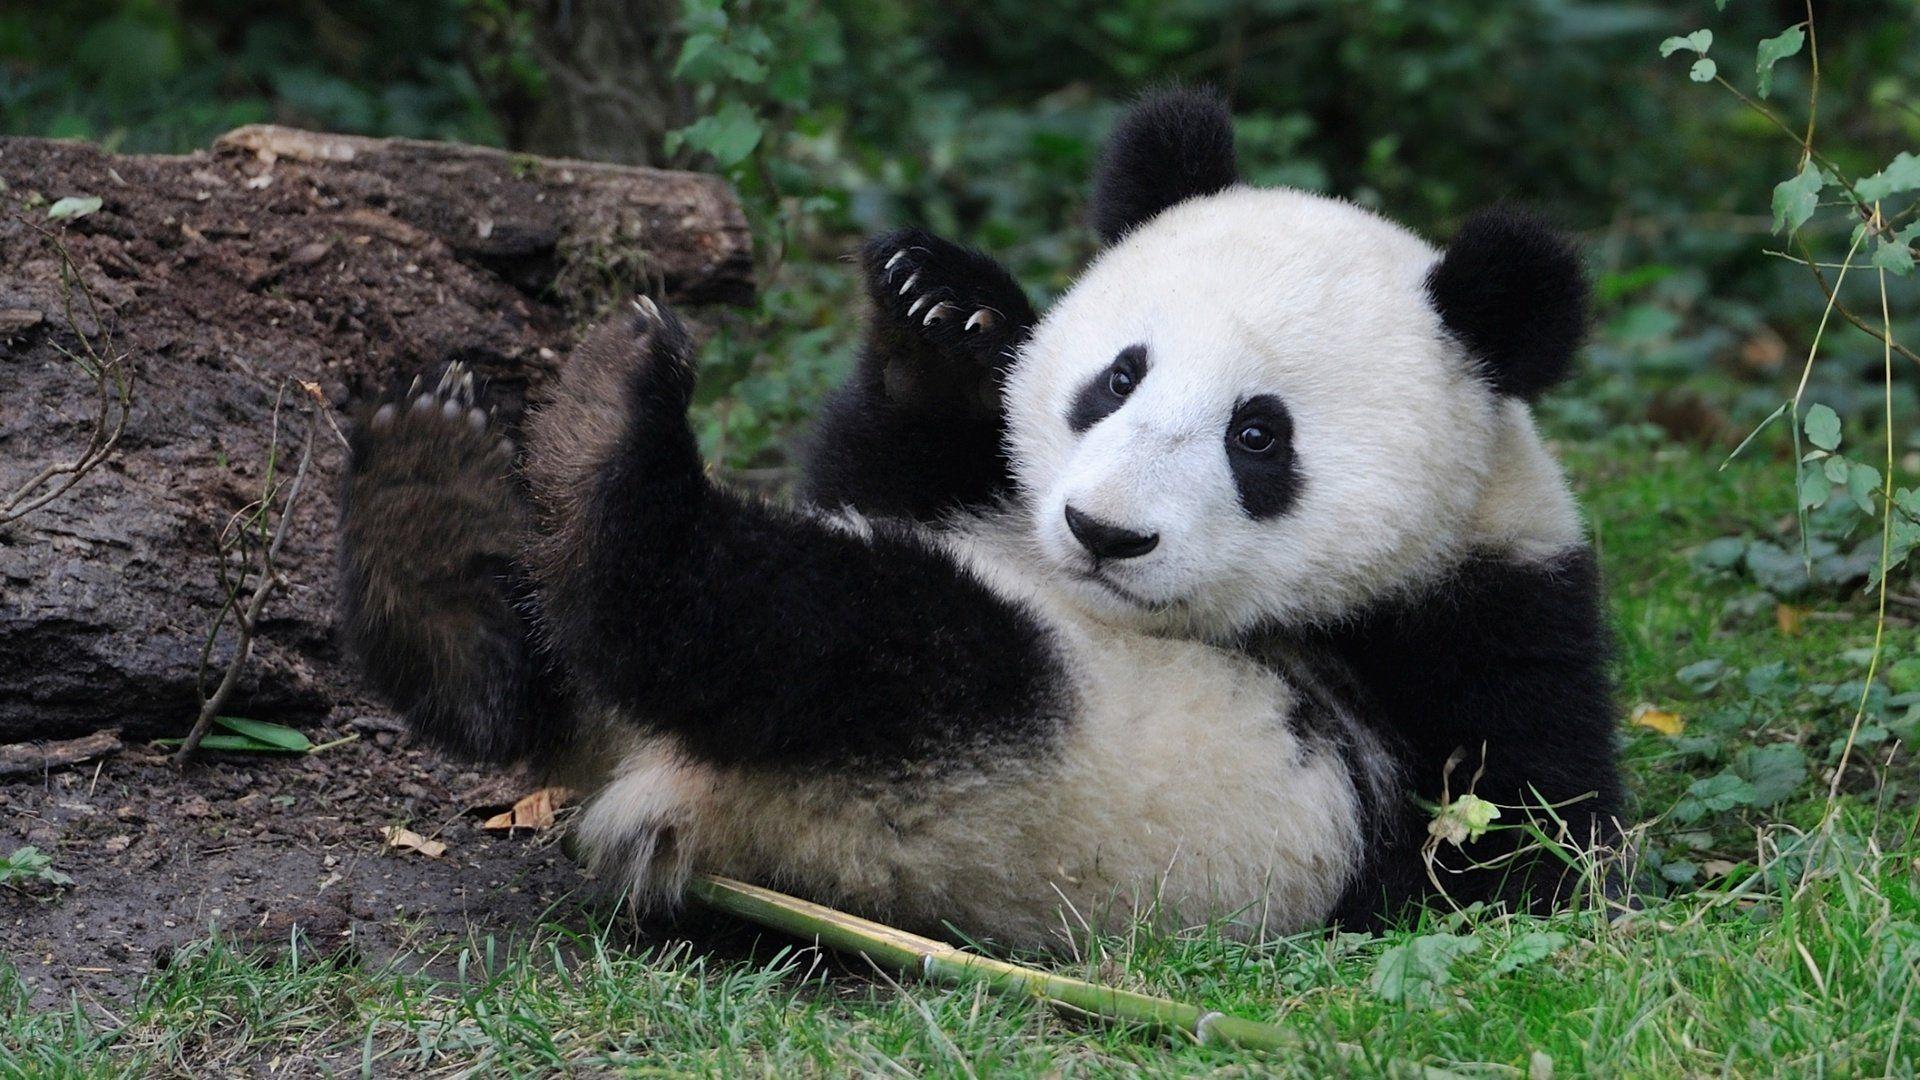 Kakrtinki Big Panda